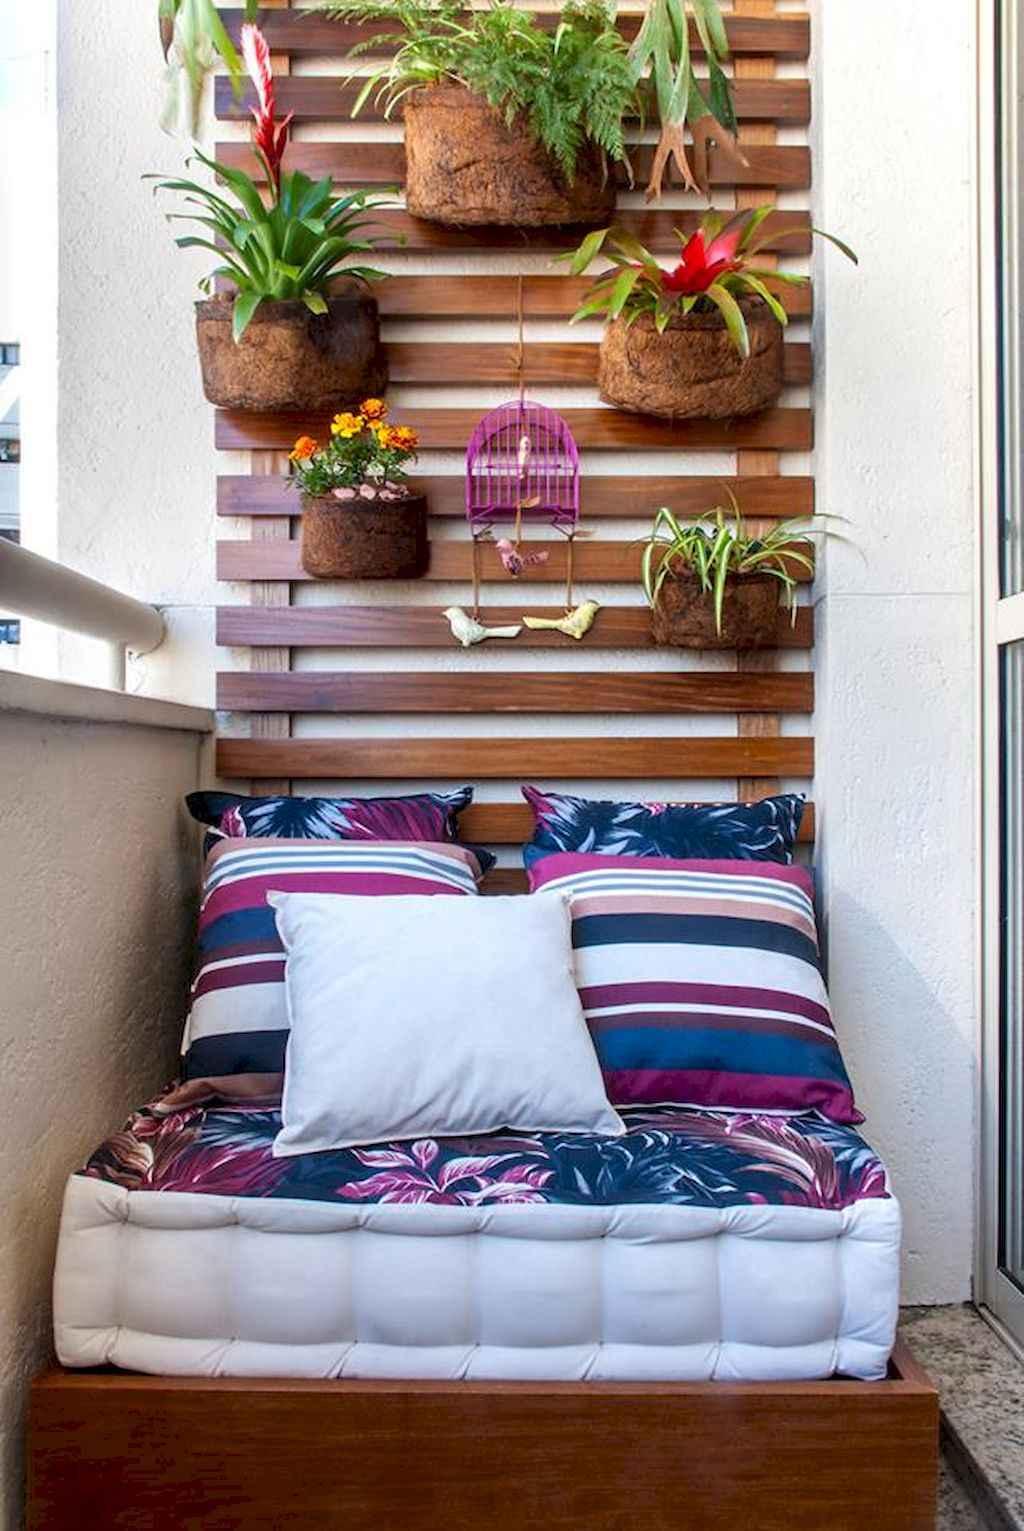 Small balcony decoration ideas (25)